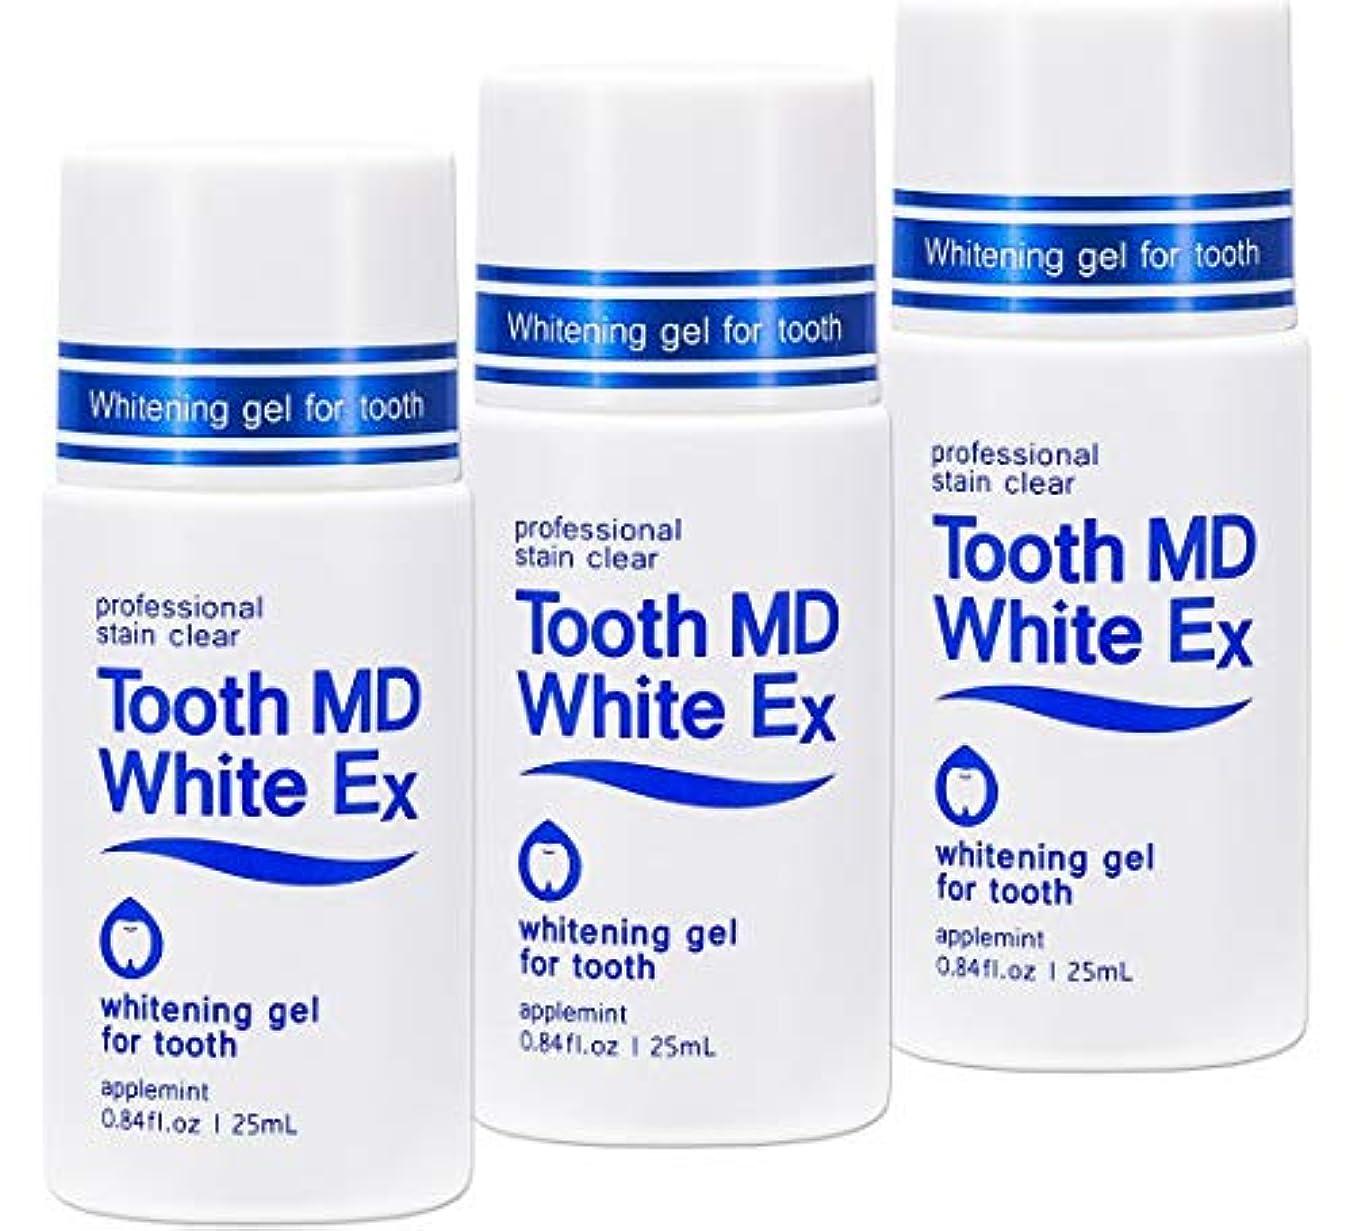 お尻ランデブー書き込みトゥースMDホワイトEX 3個セット [歯のホワイトニング] 専用歯ブラシ付き